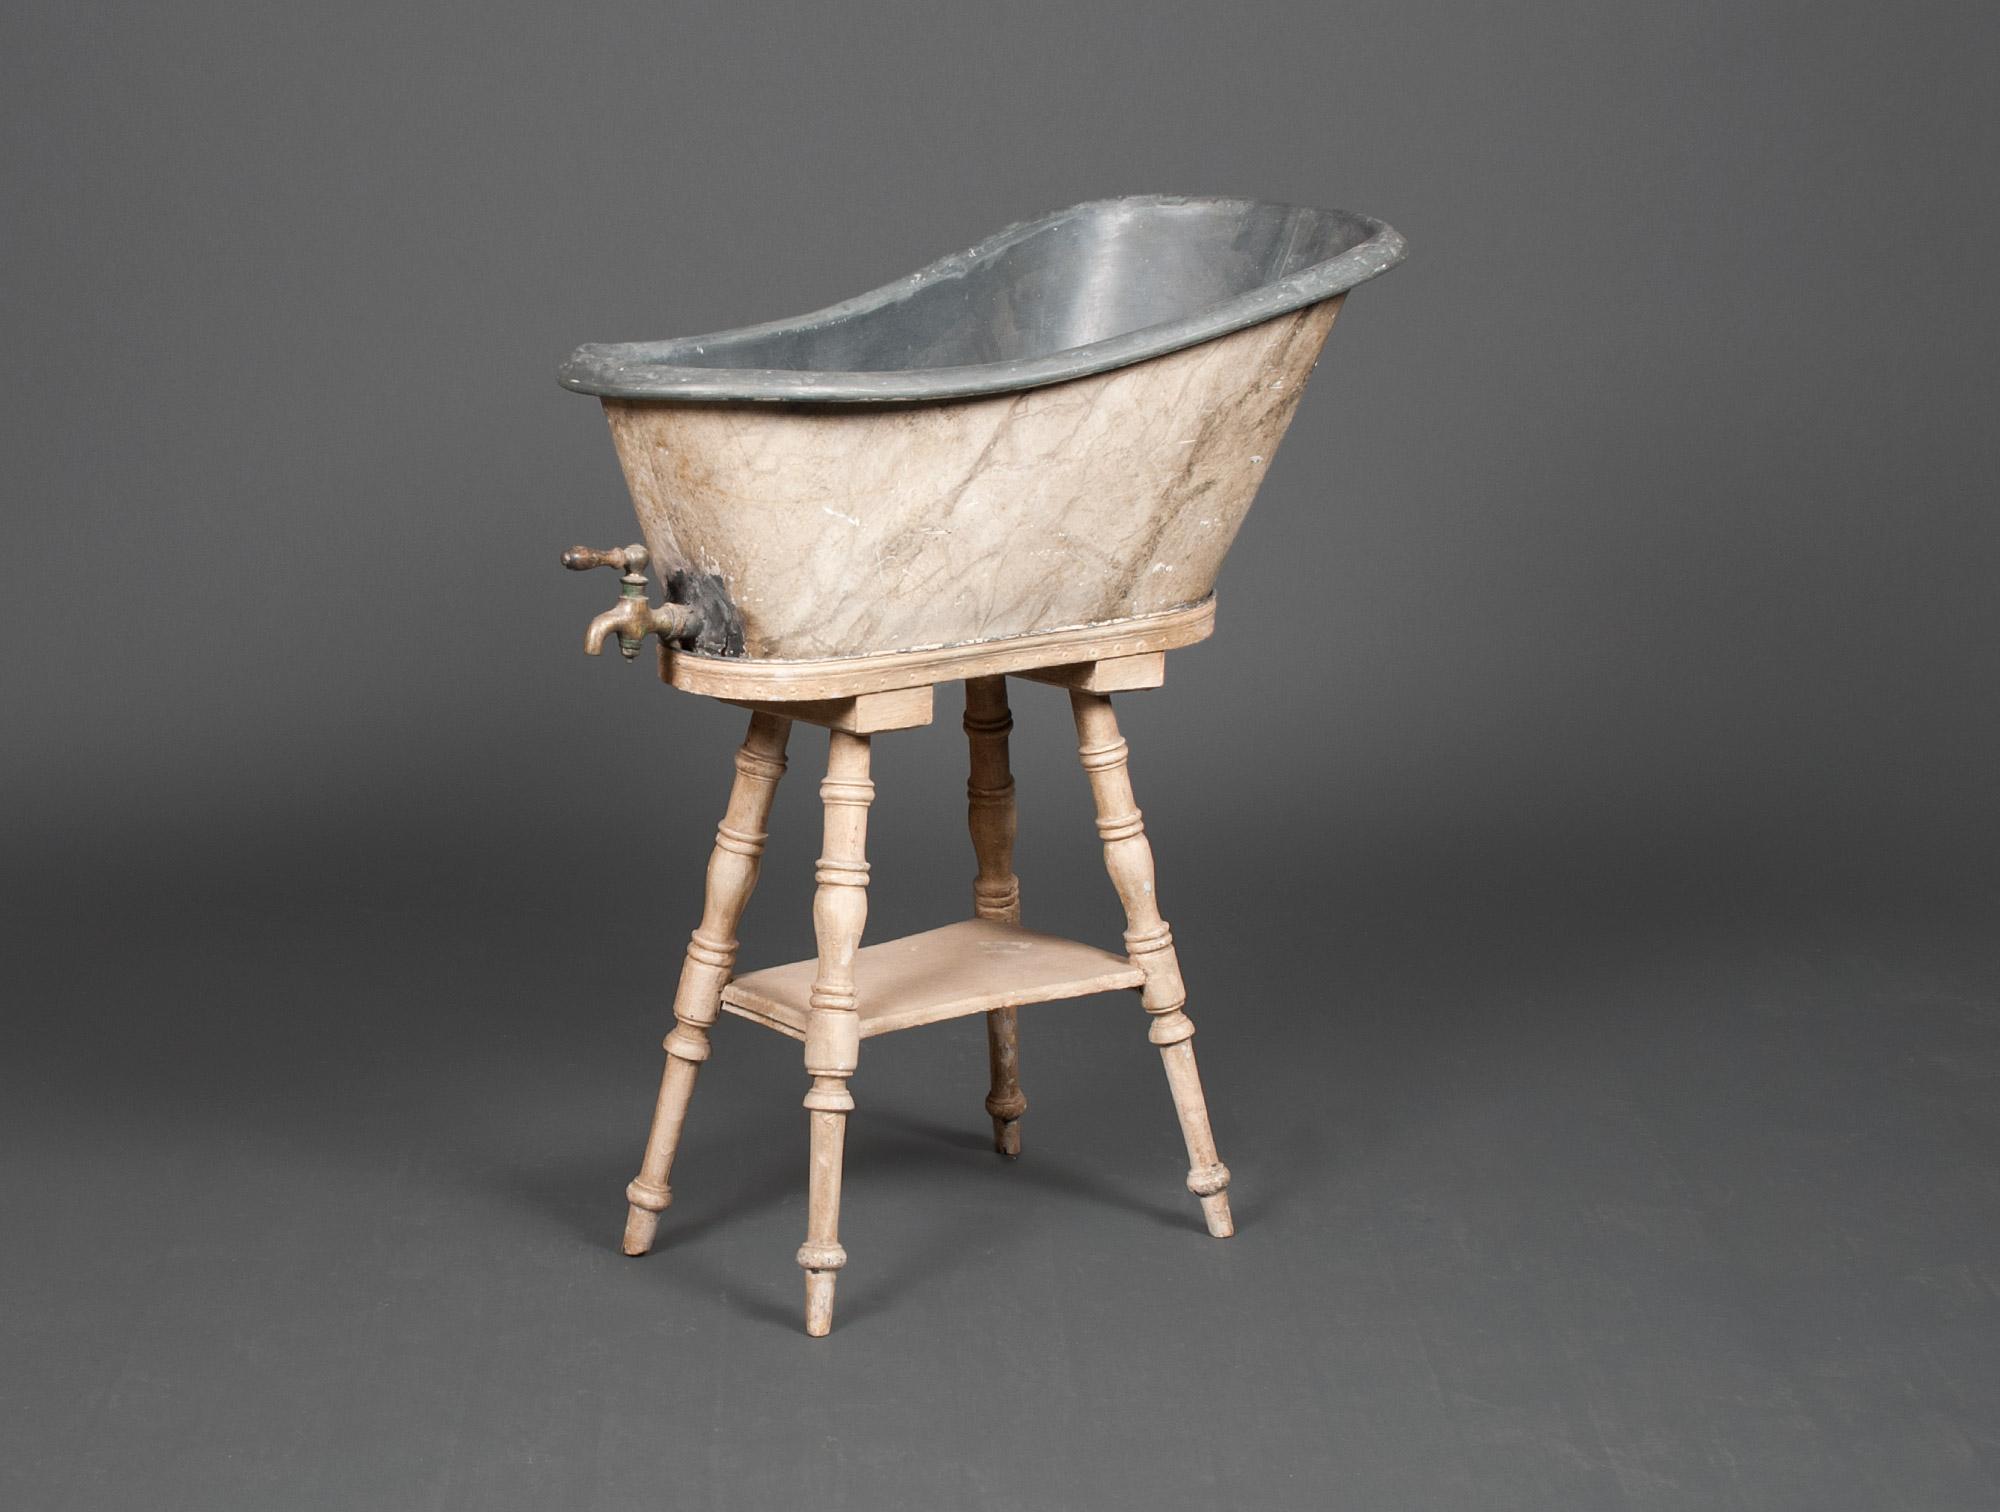 baignoire de b b en zinc soubrier louer accessoires acc de toilette xixe. Black Bedroom Furniture Sets. Home Design Ideas